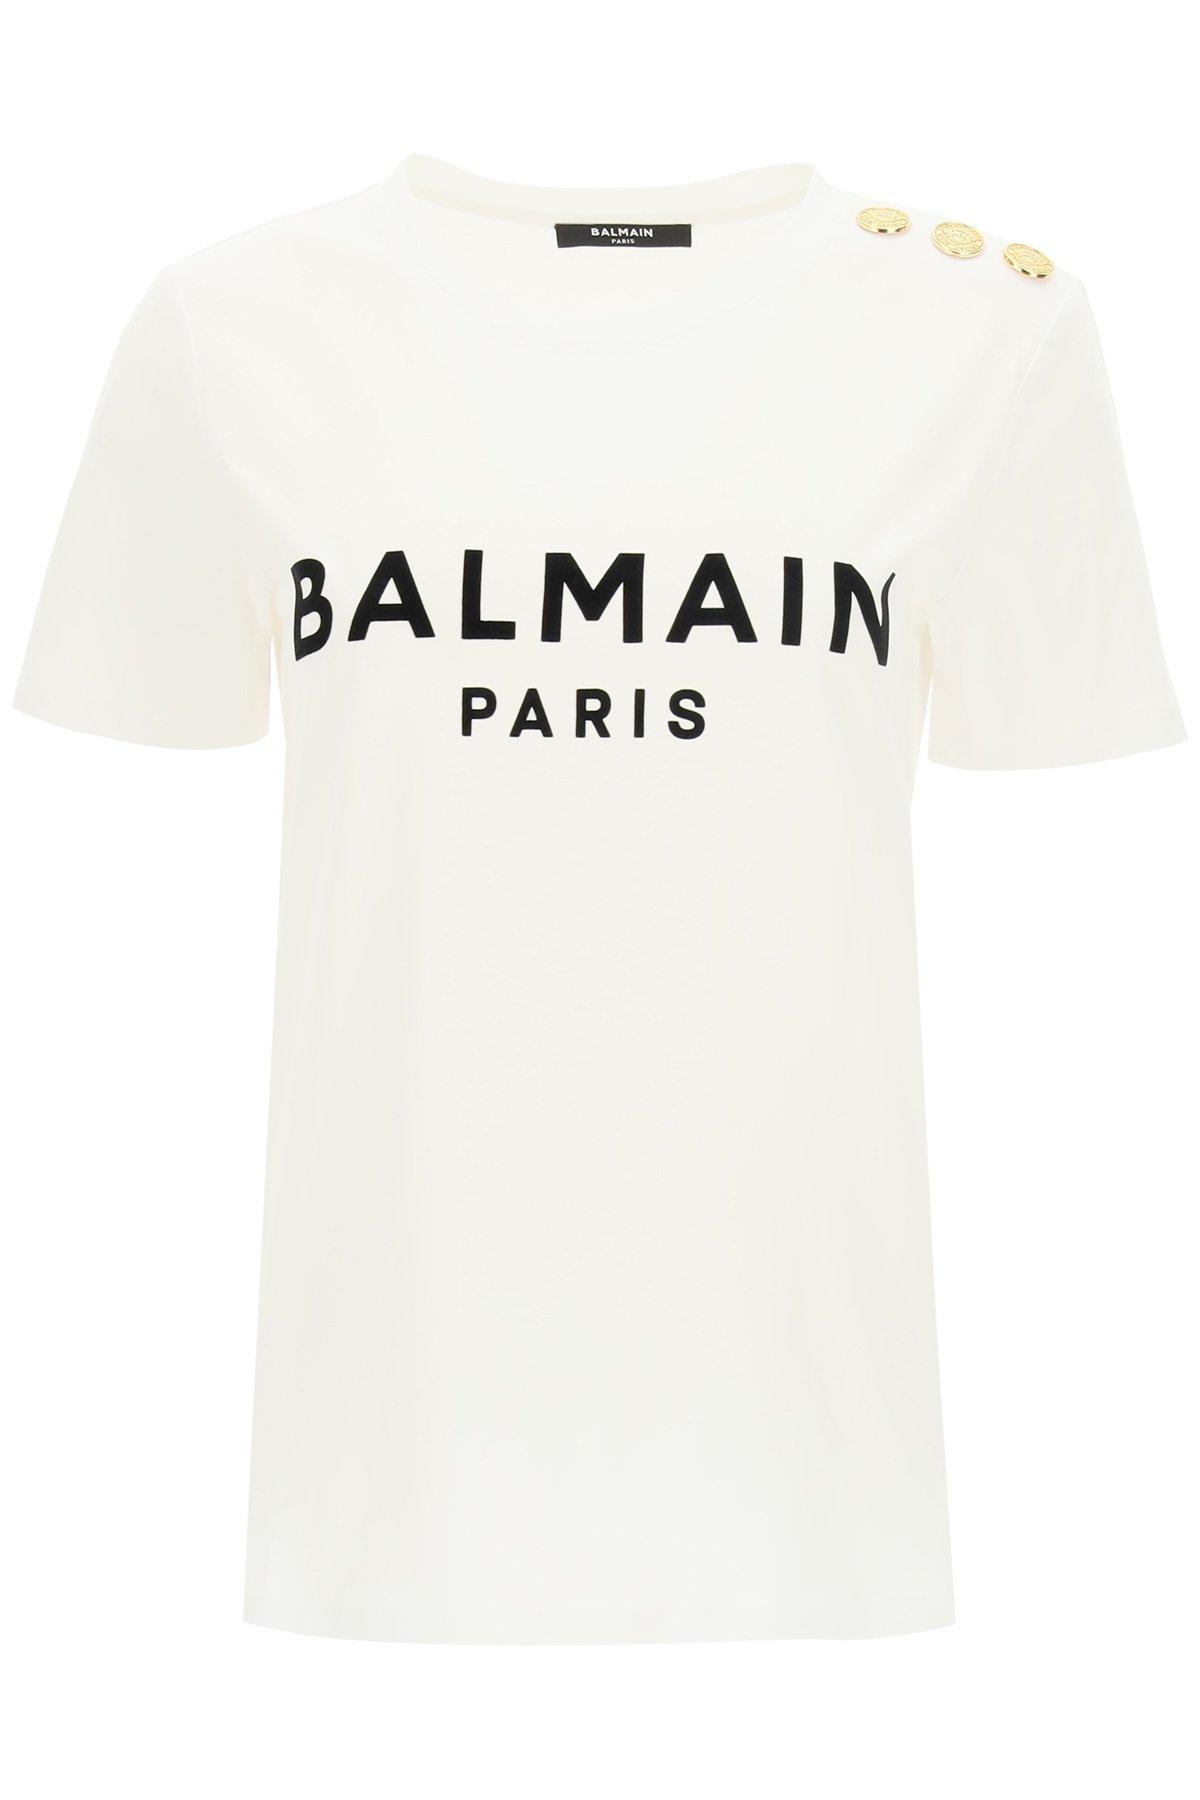 Balmain t-shirt stampa logo flock